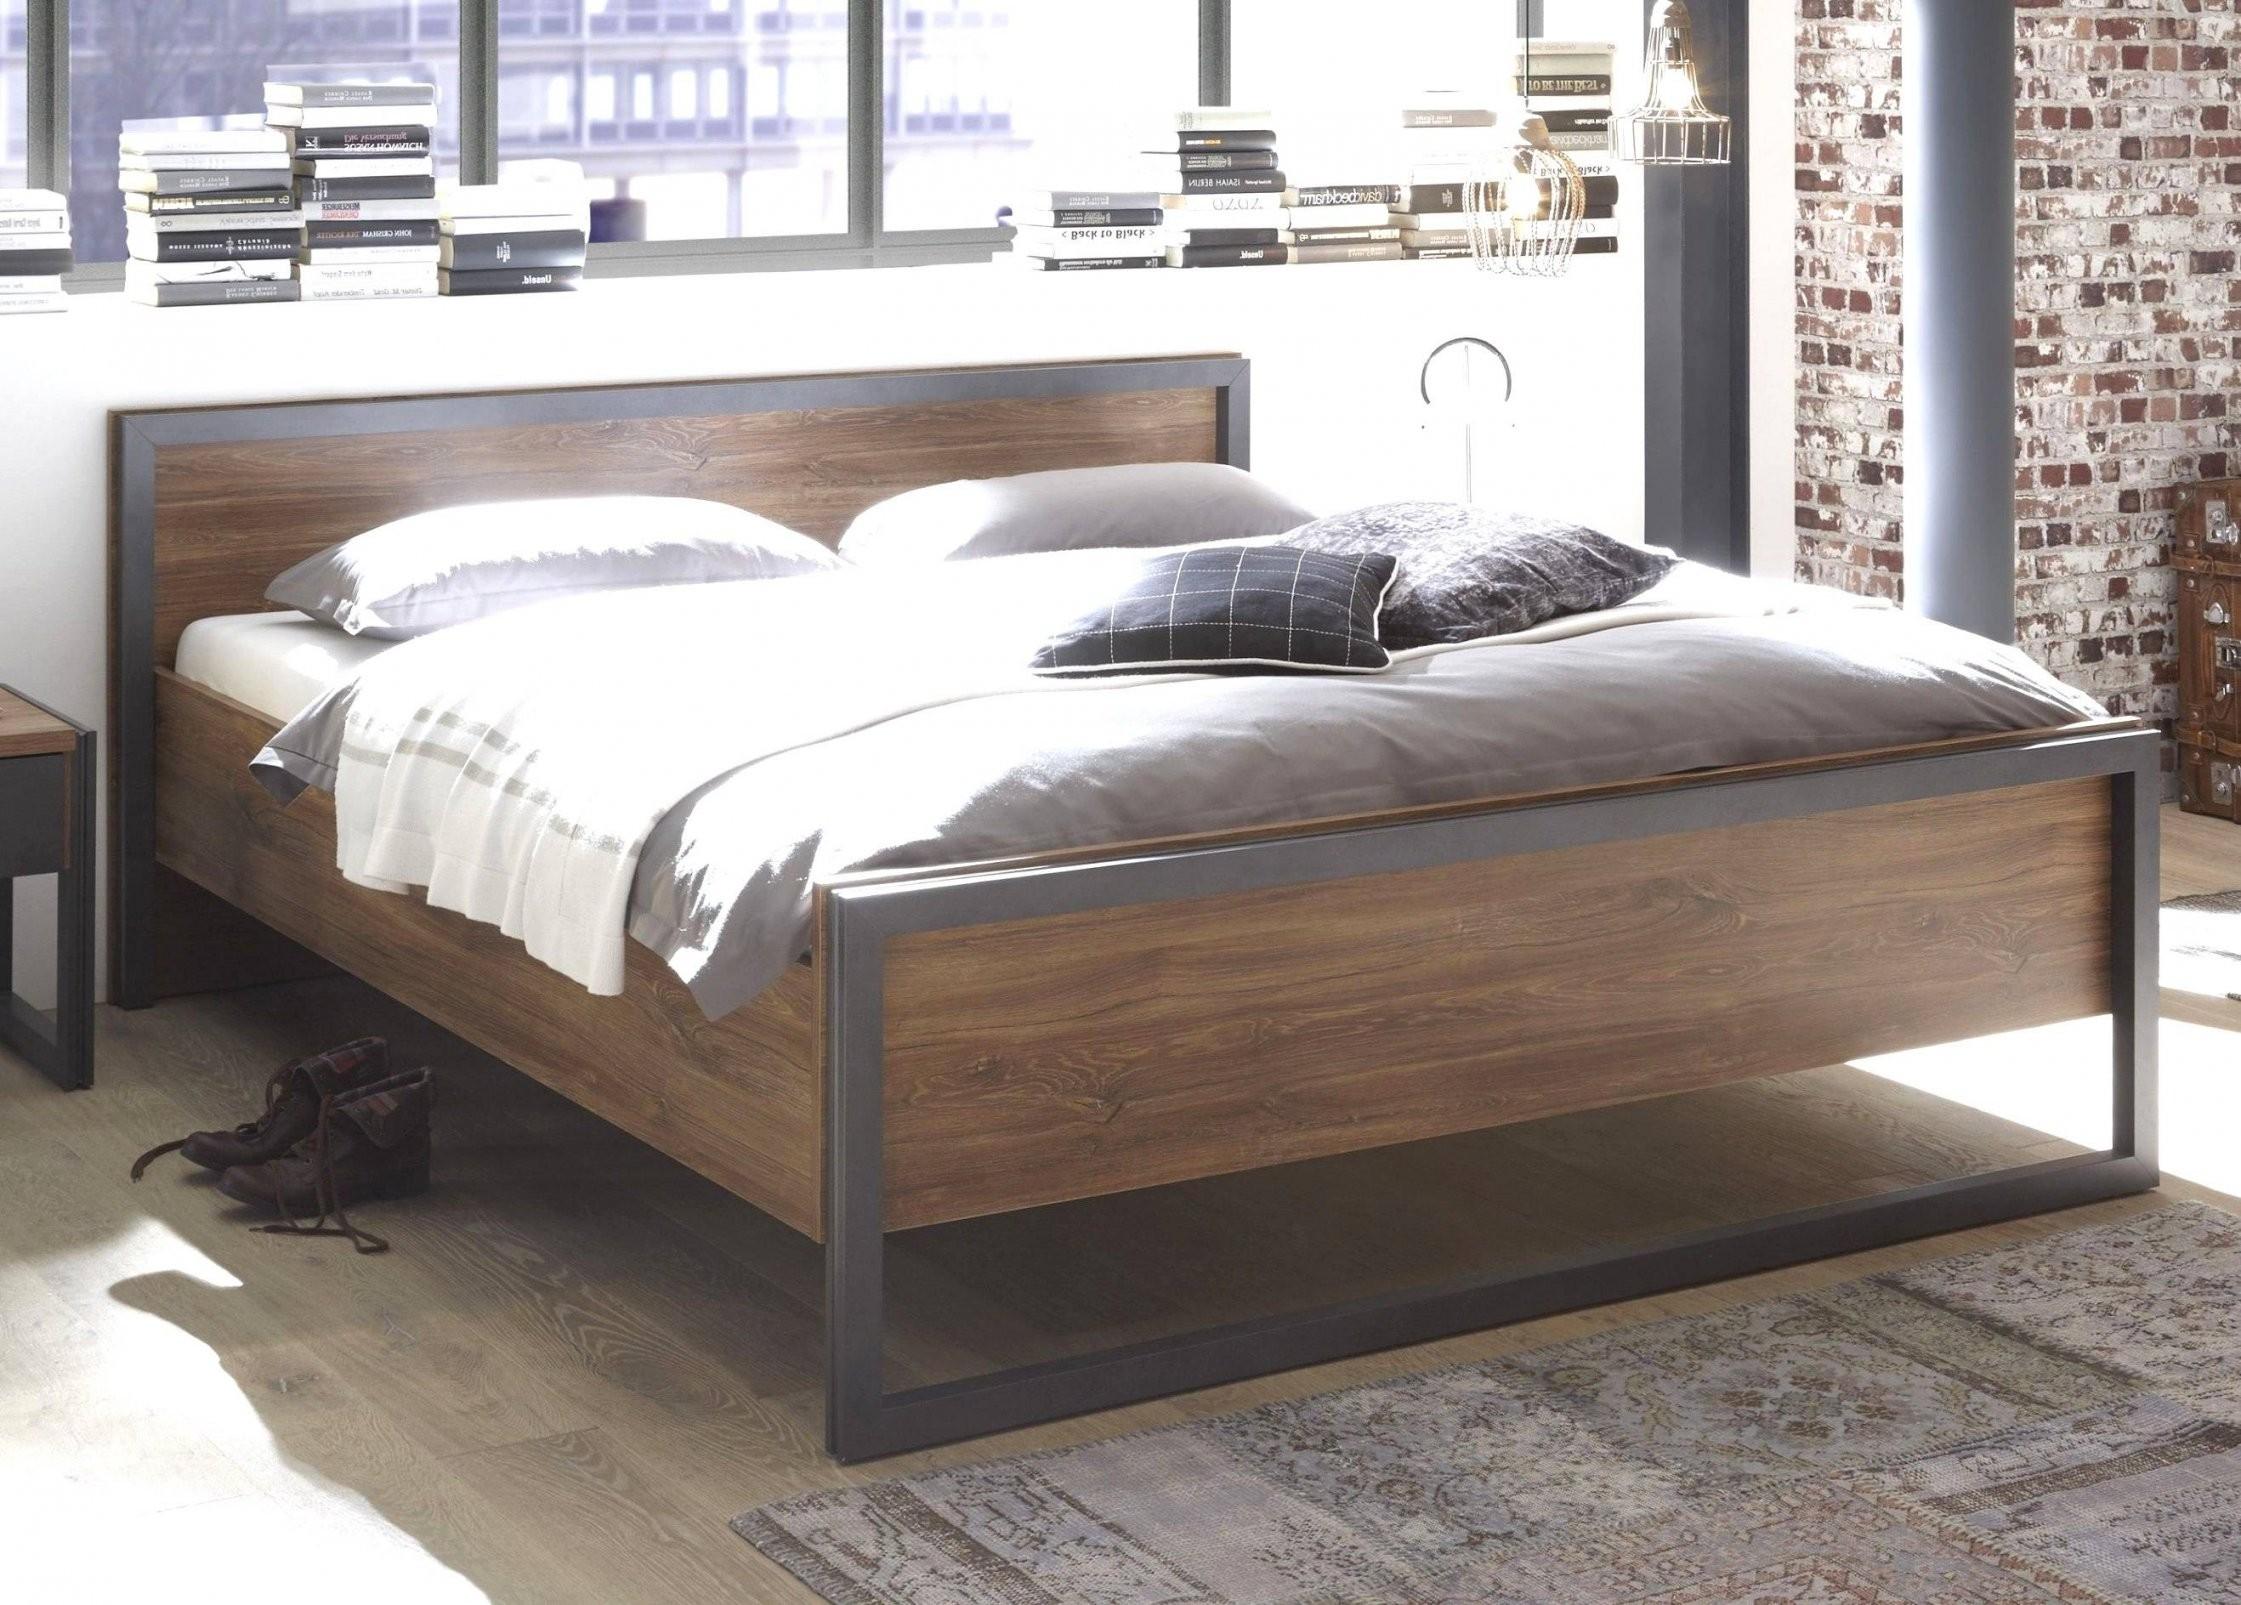 Lattenrost Auf Boden Futonbett Mit Matratze Luxus Komfortables von Boxspring Matratze Auf Lattenrost Photo